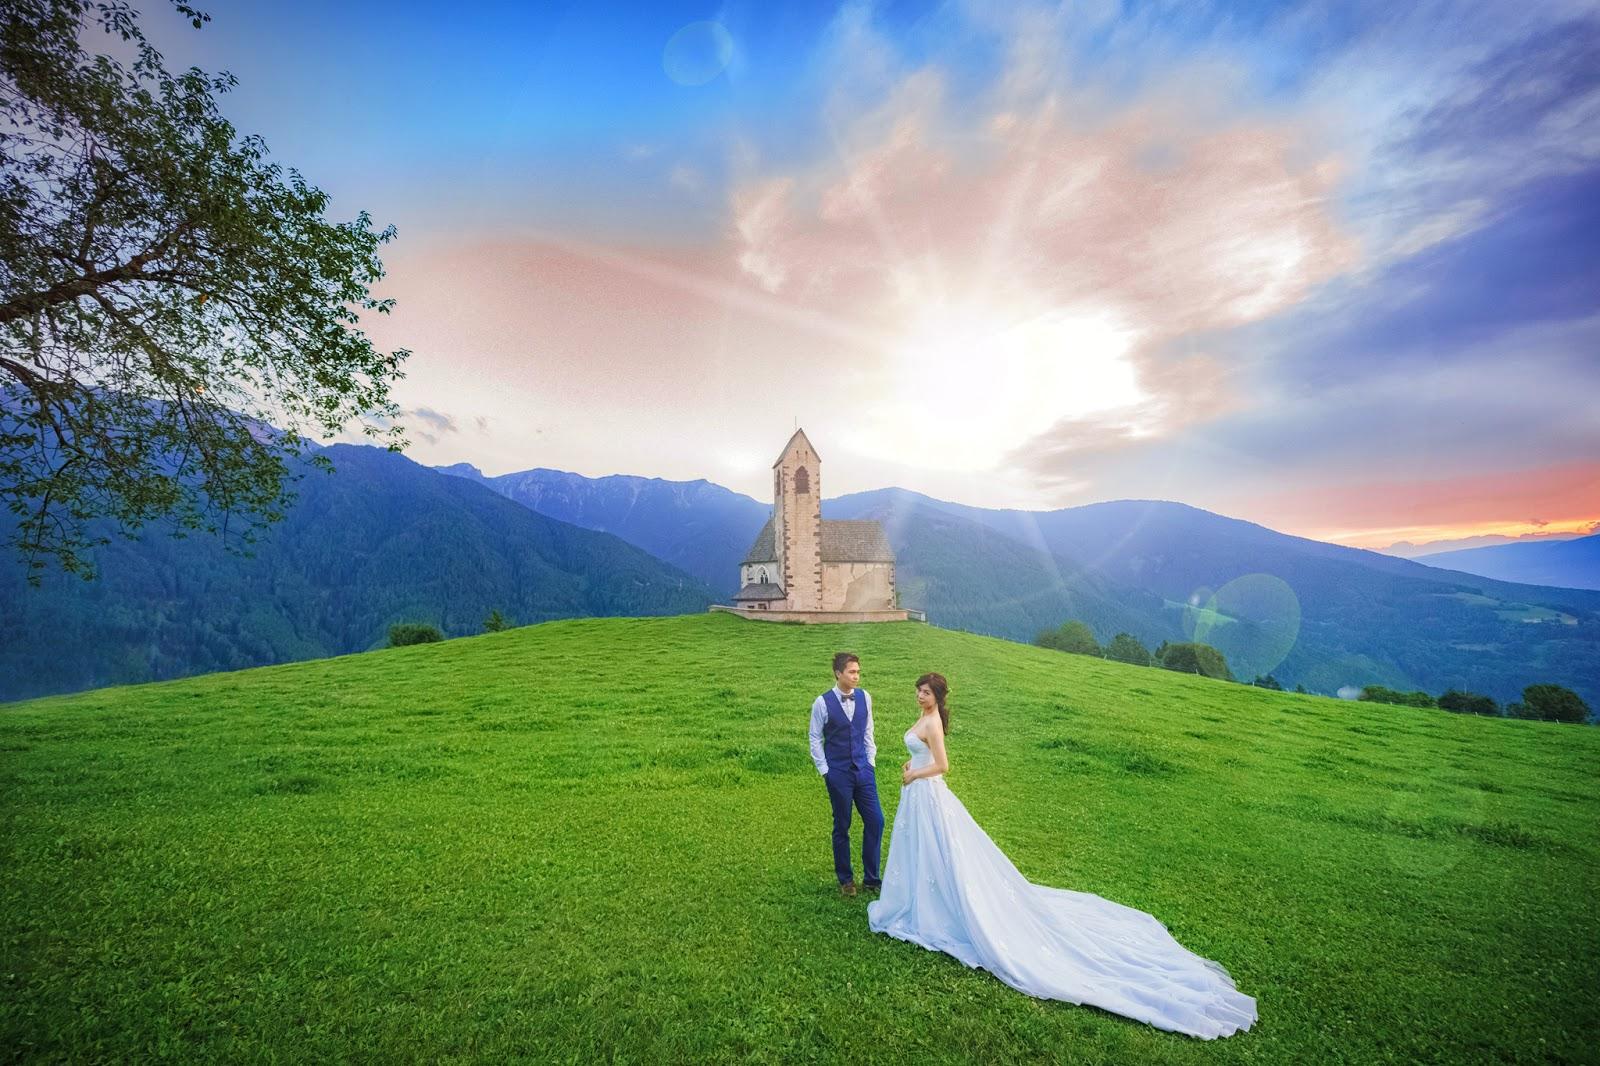 富內斯 多洛米蒂 Val di Funes Dolomiti 義大利婚紗 Bolzano 波扎諾  仙境婚紗 威尼斯婚紗 米蘭羅馬